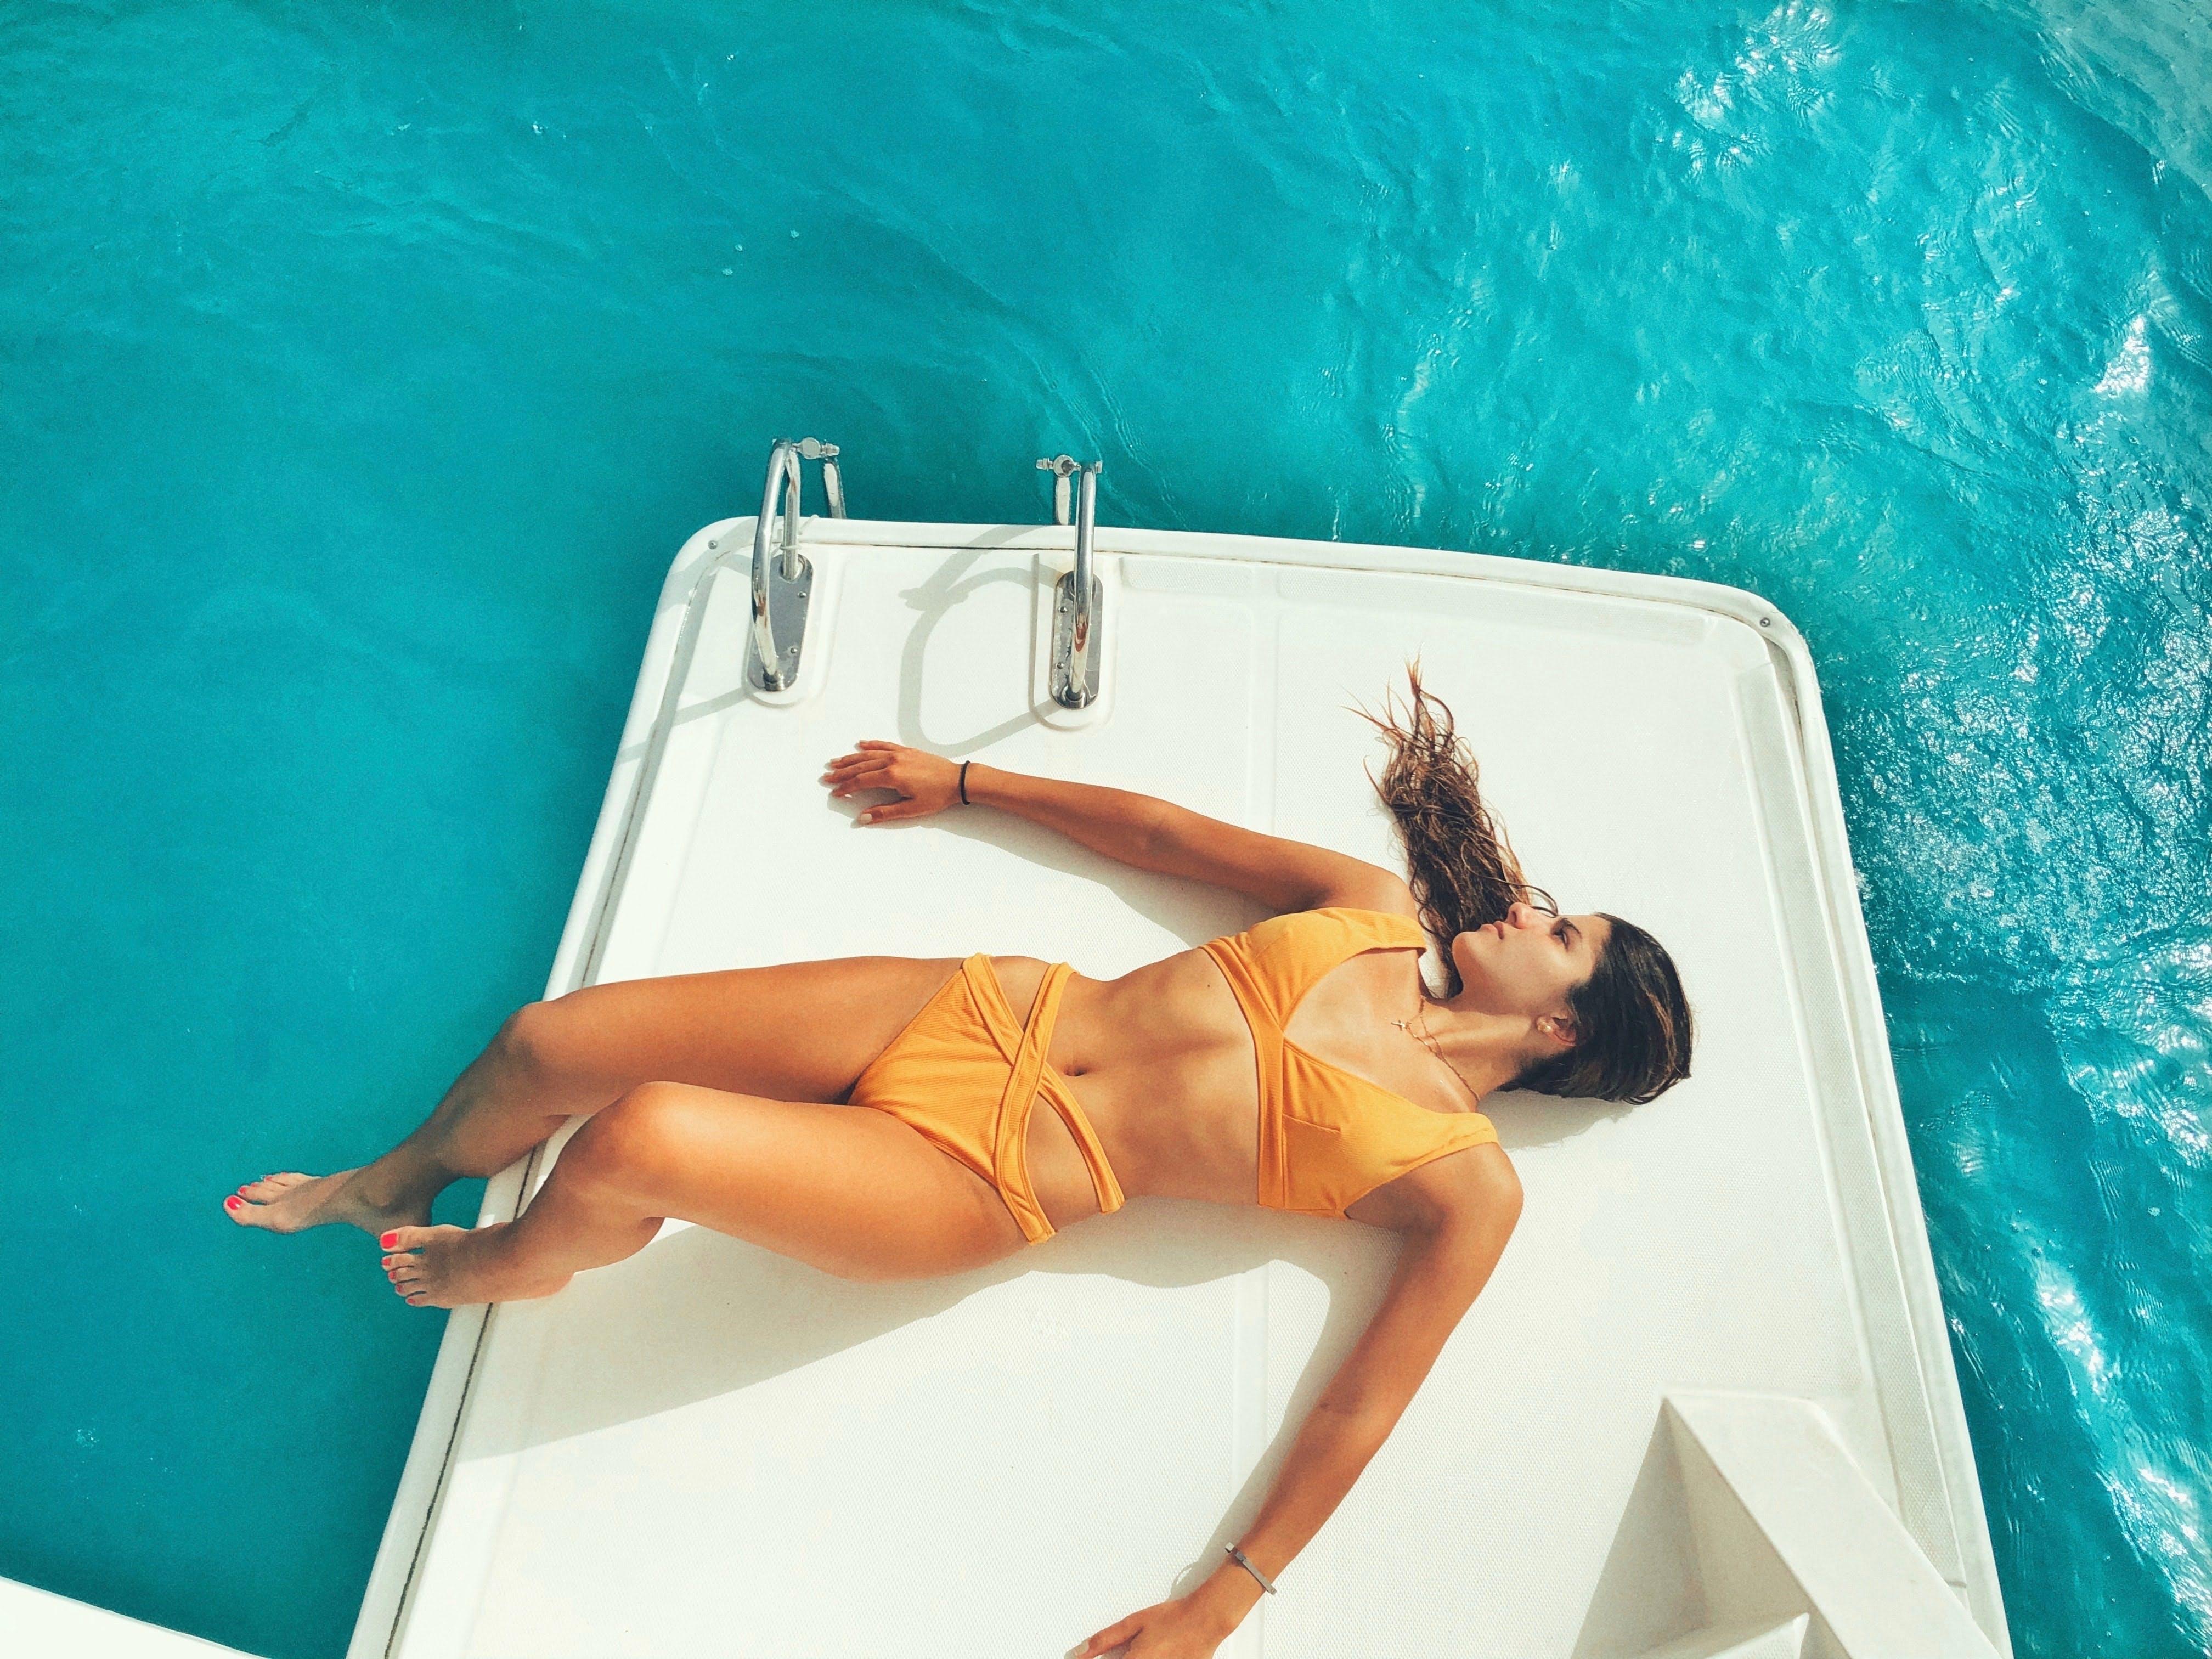 Tjej i badkläder som solar på en brygga